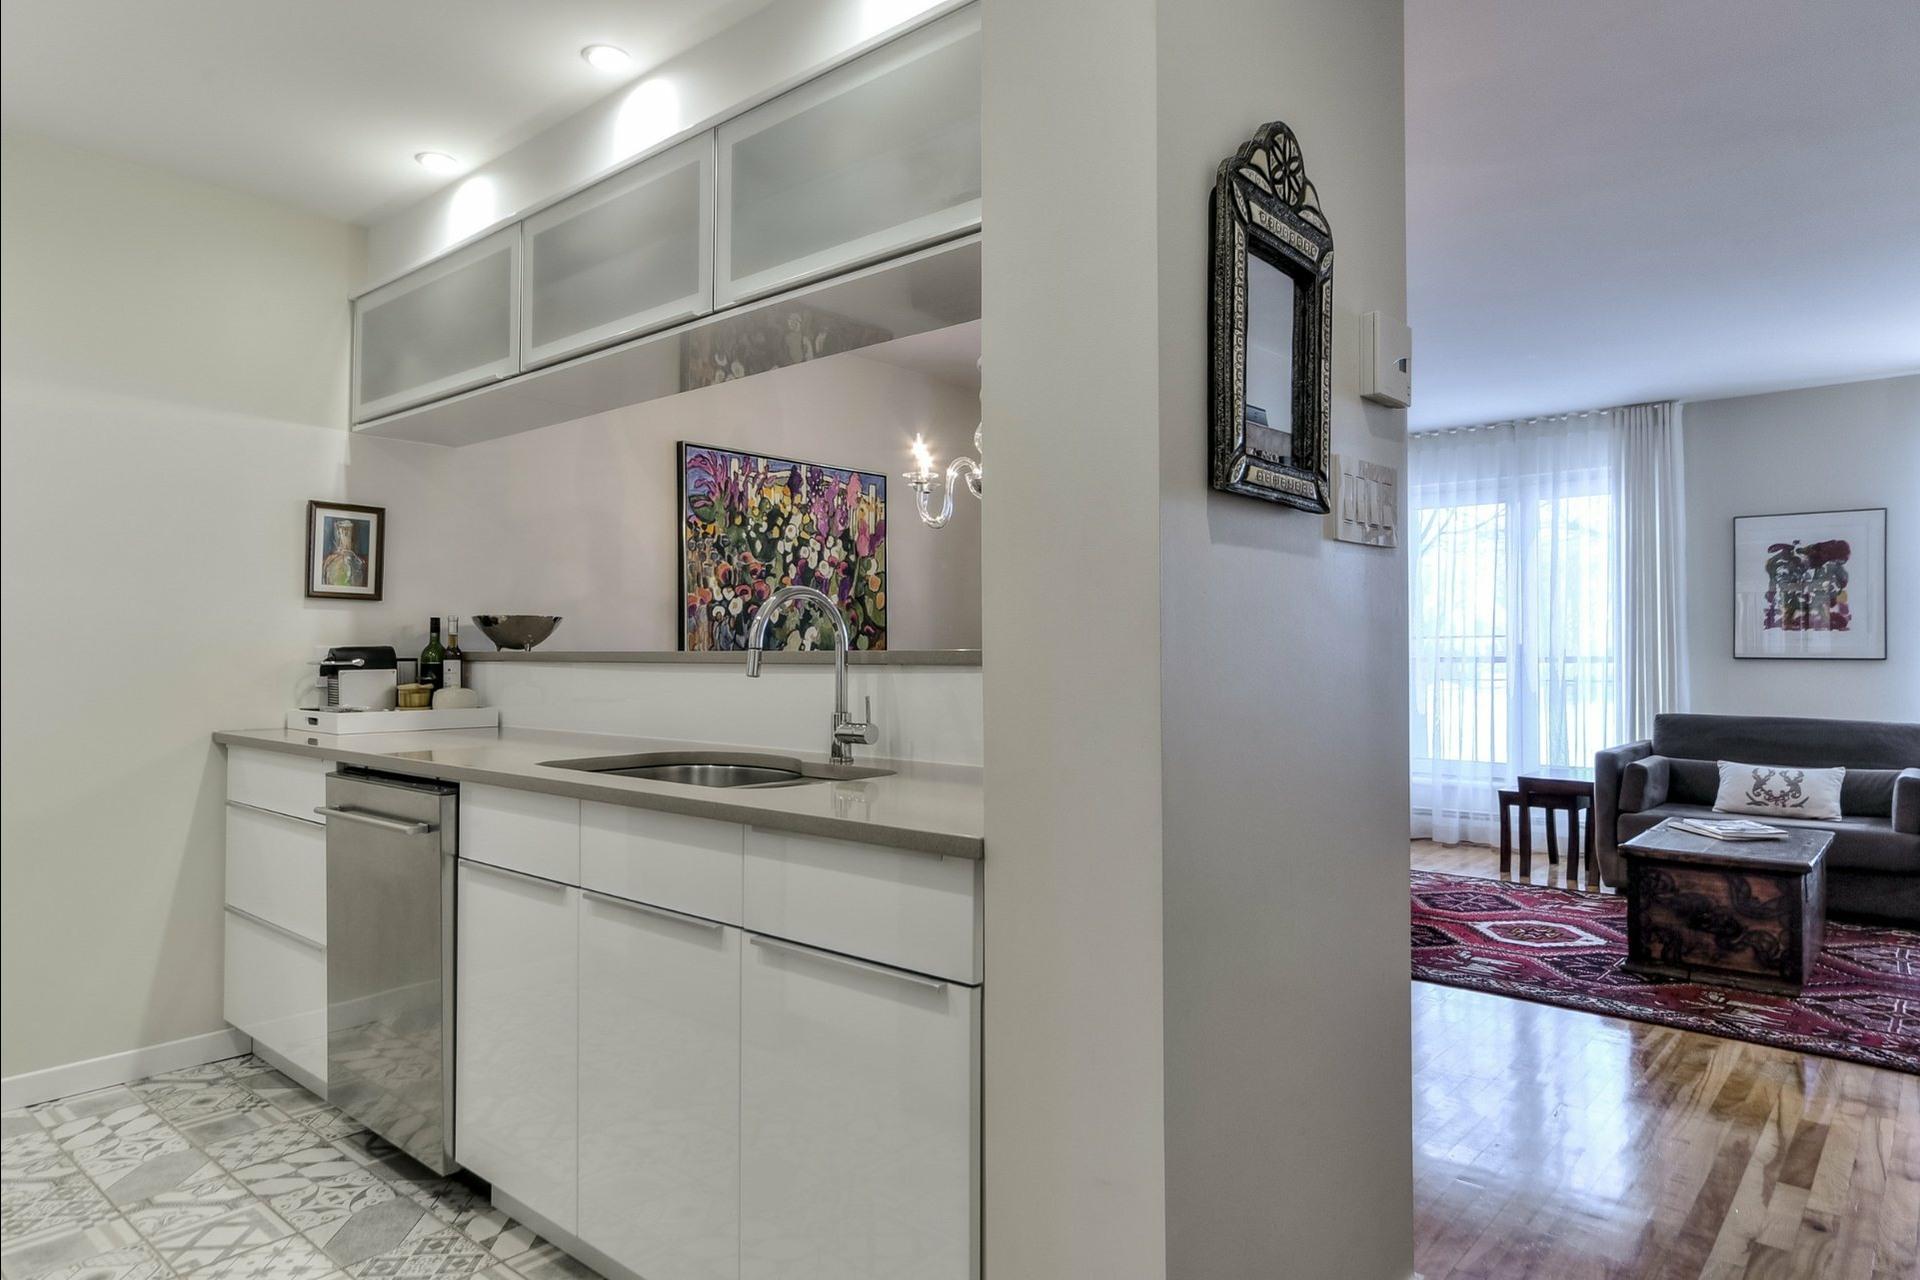 image 6 - Apartment For sale Montréal Outremont  - 10 rooms